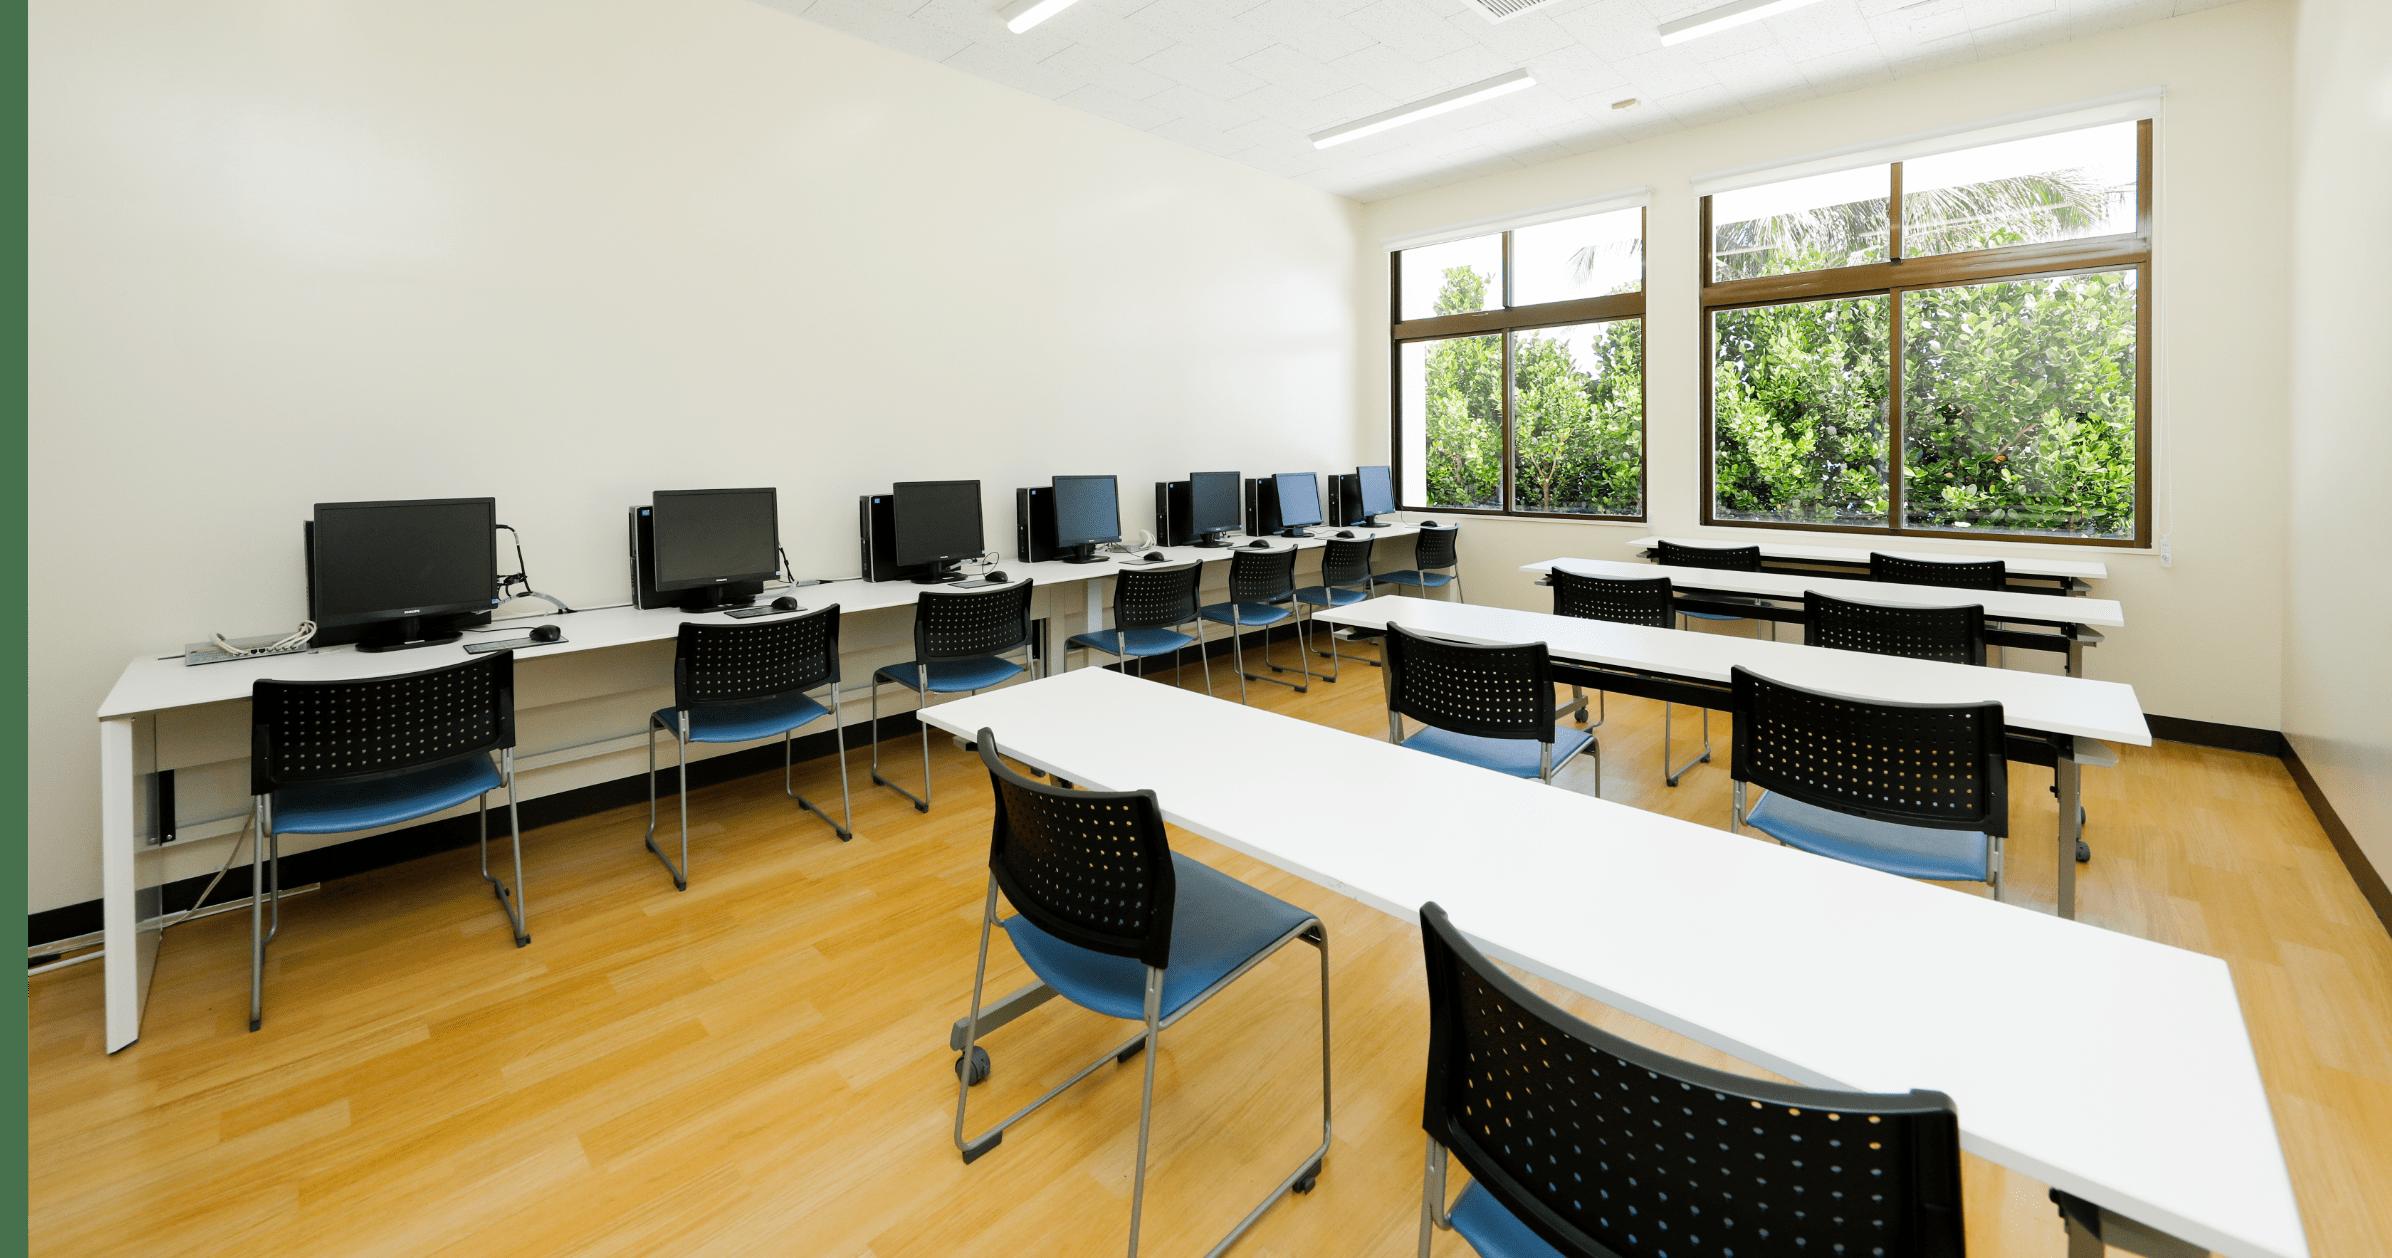 模擬学科教室